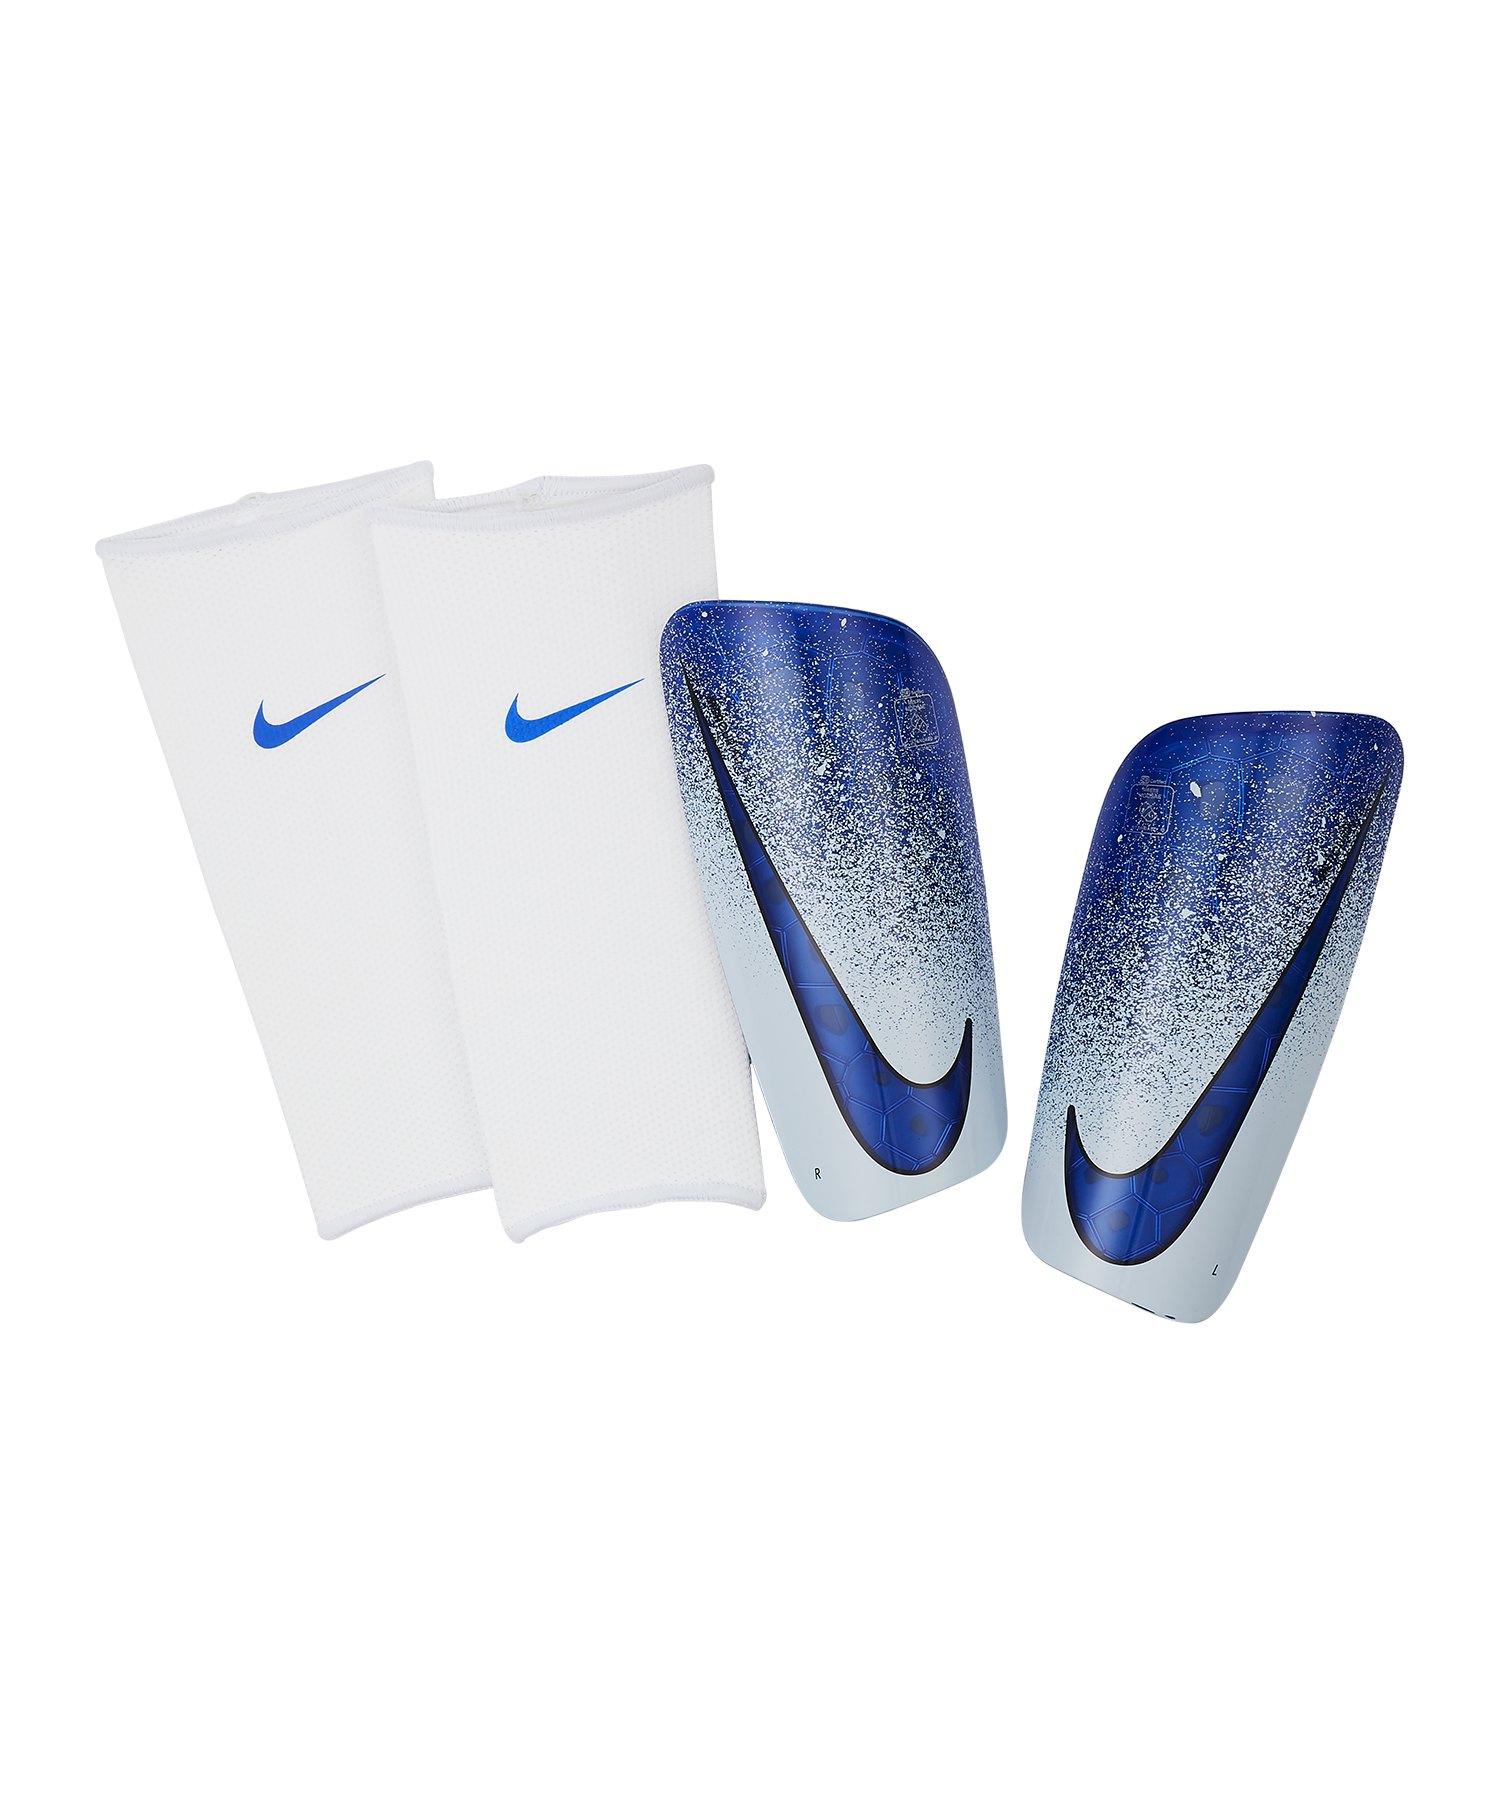 Nike Mercurial Lite Schienbeinschoner F416 - Blau